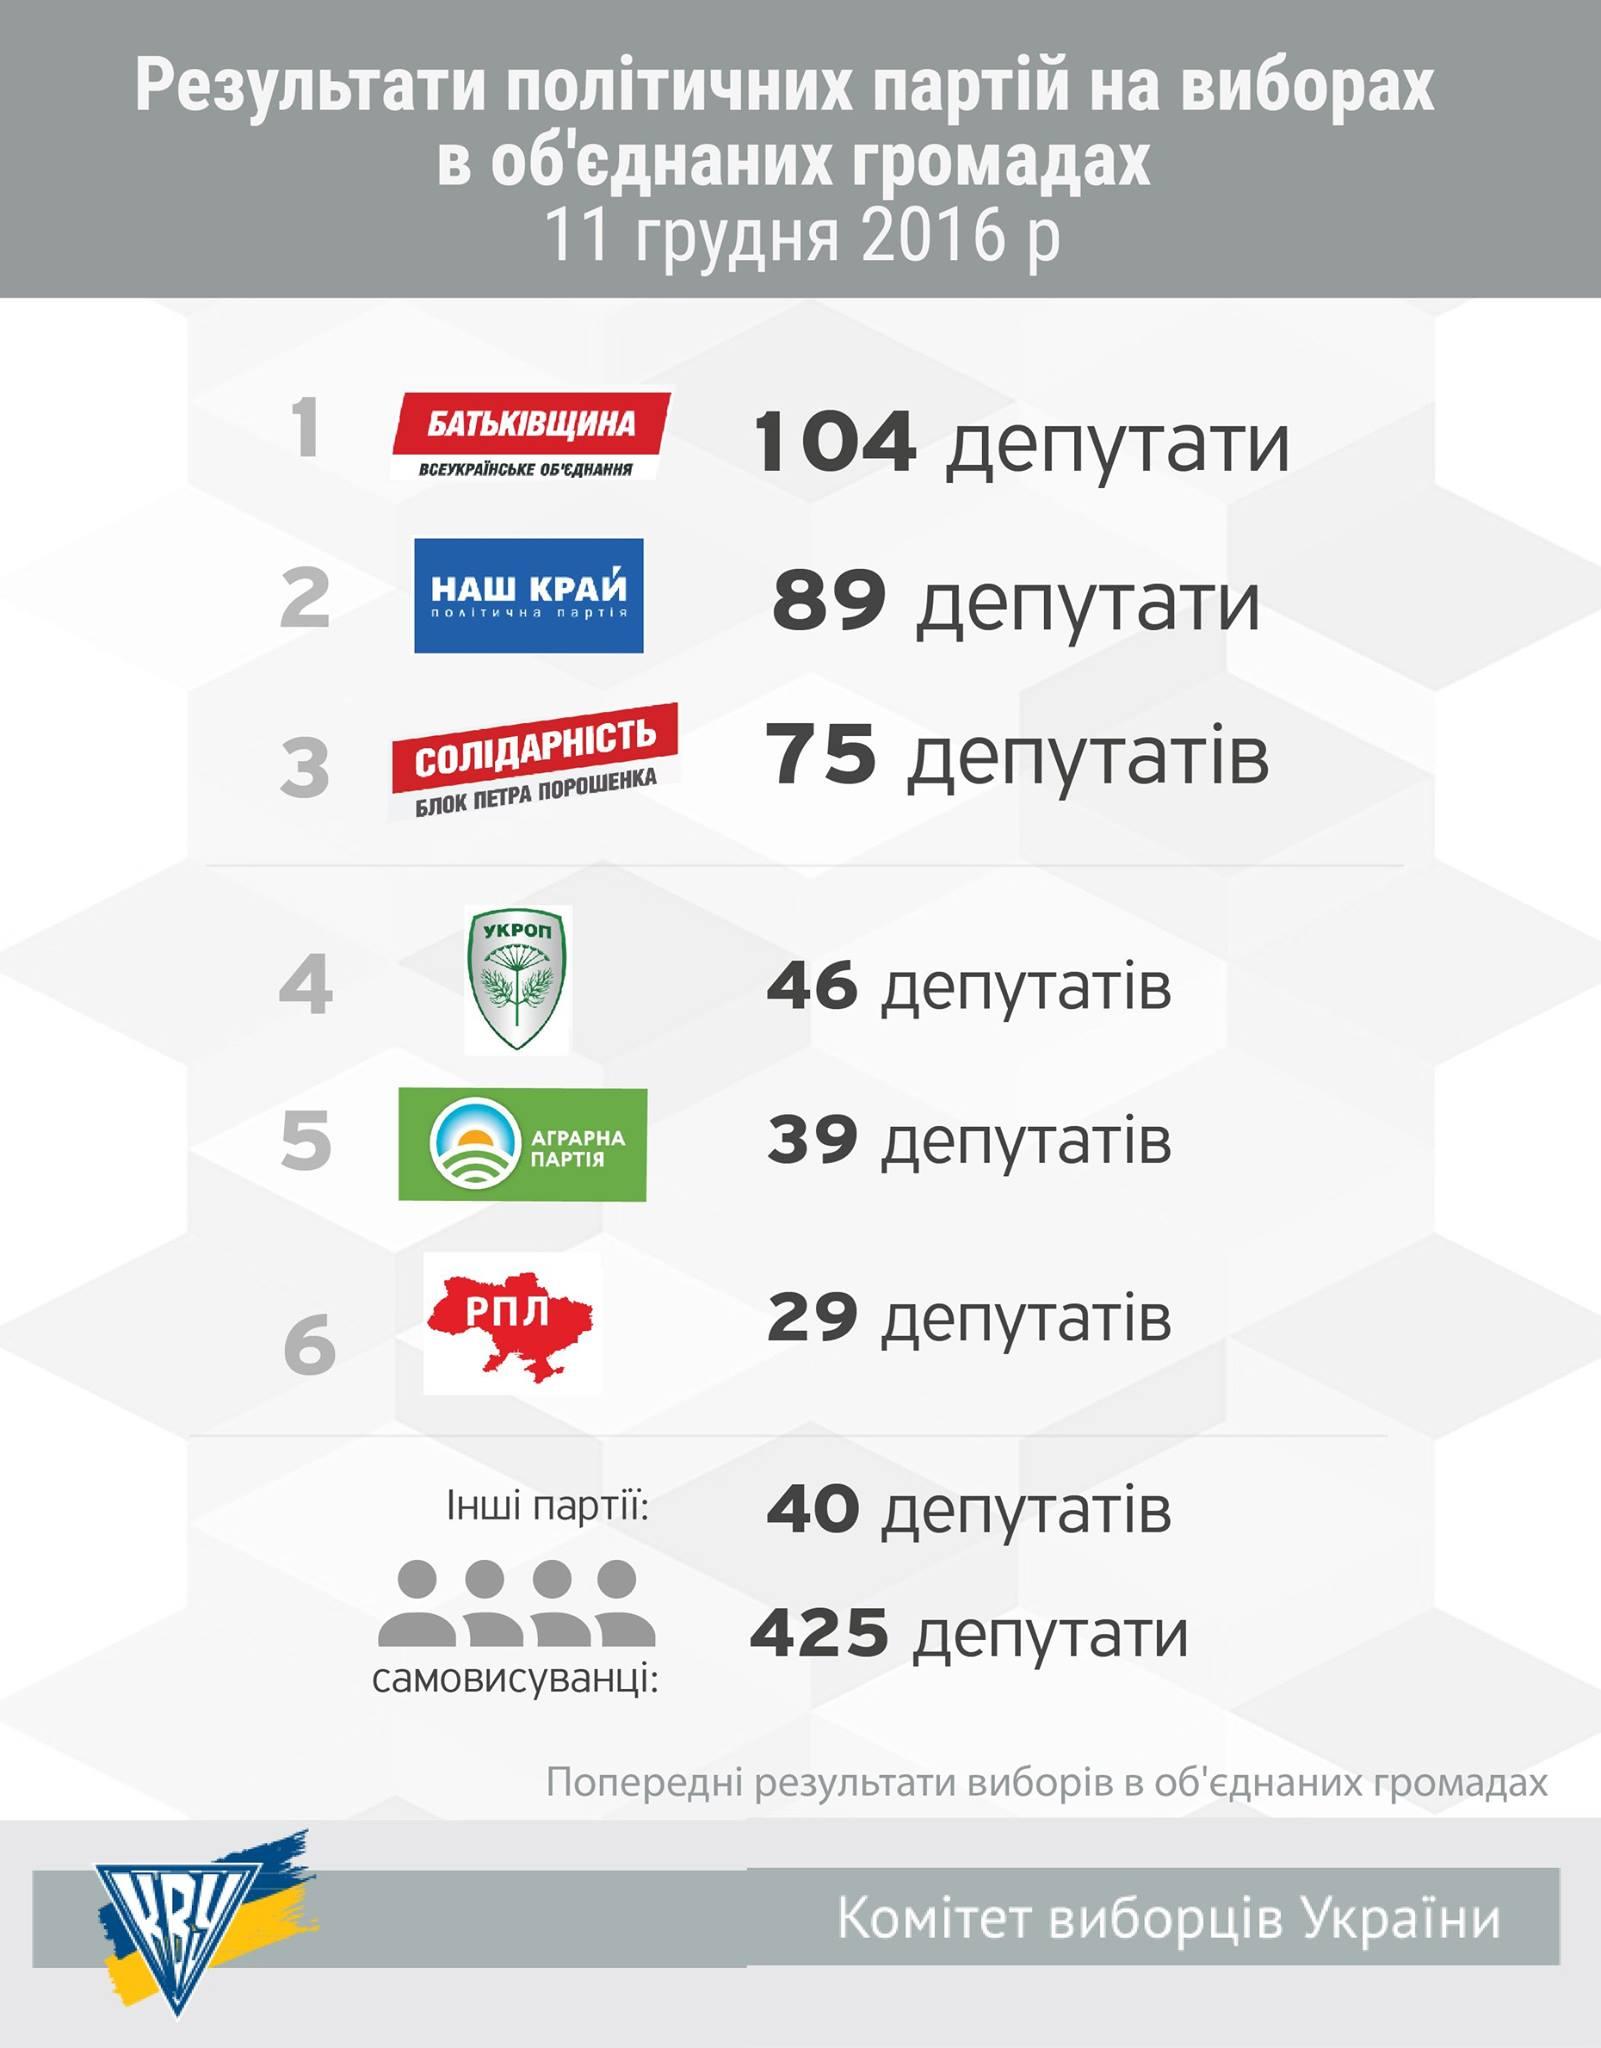 """""""Наш край"""" – це """"відбілений образ Партії регіонів"""", – Небоженко - фото 1"""